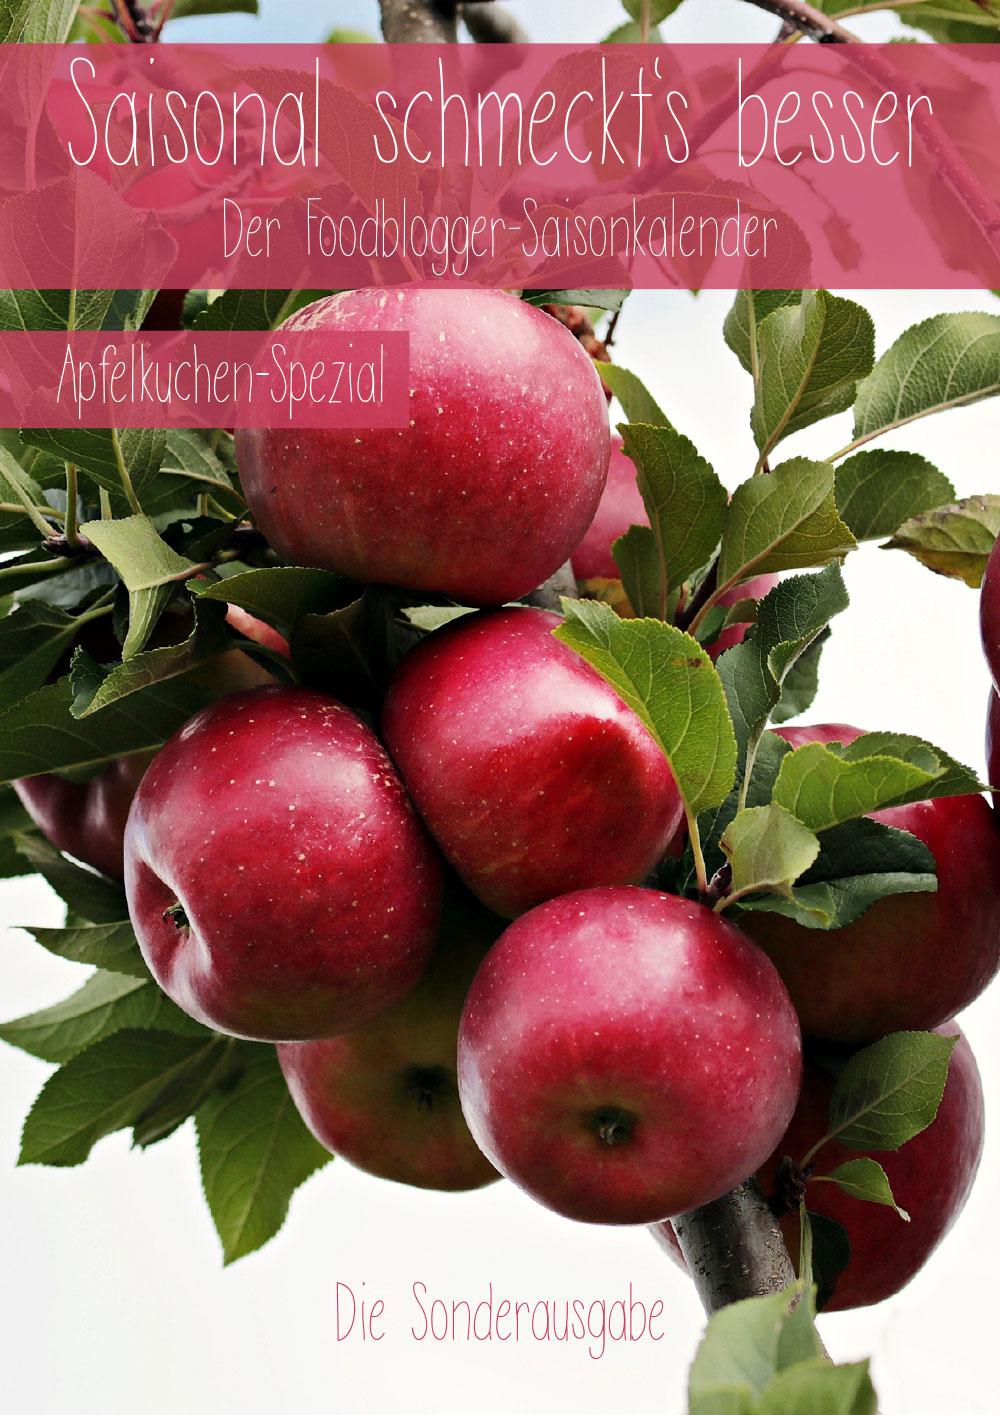 Saisonal schmeckts besser - Der Foodblogger Saisonkalender - Apfelkuchen-Spezial